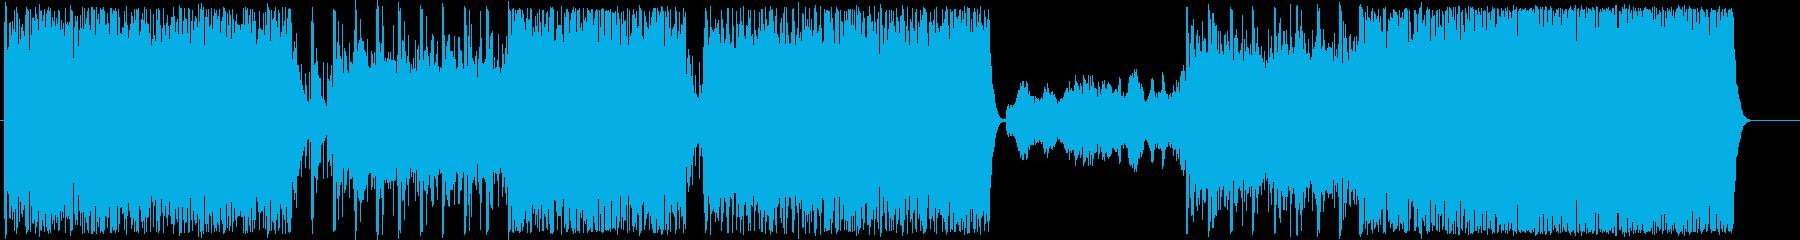 映画、ゲームのBGMの再生済みの波形